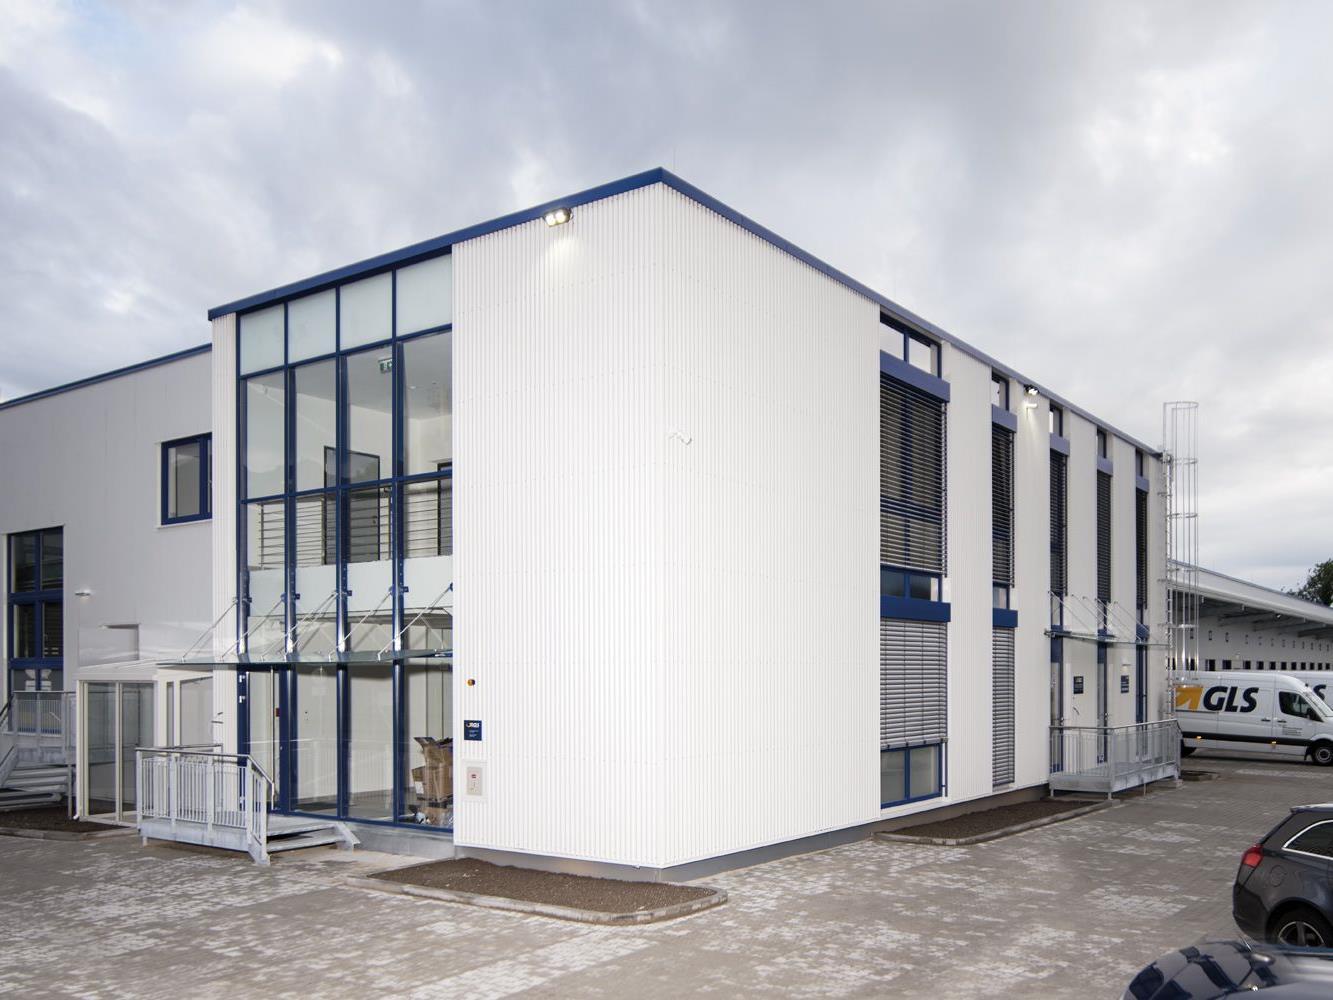 3,5 Millionen Euro investiert GLS in das Depot, in dem stündlich rund 2.500 Pakete umgeschlagen werden können